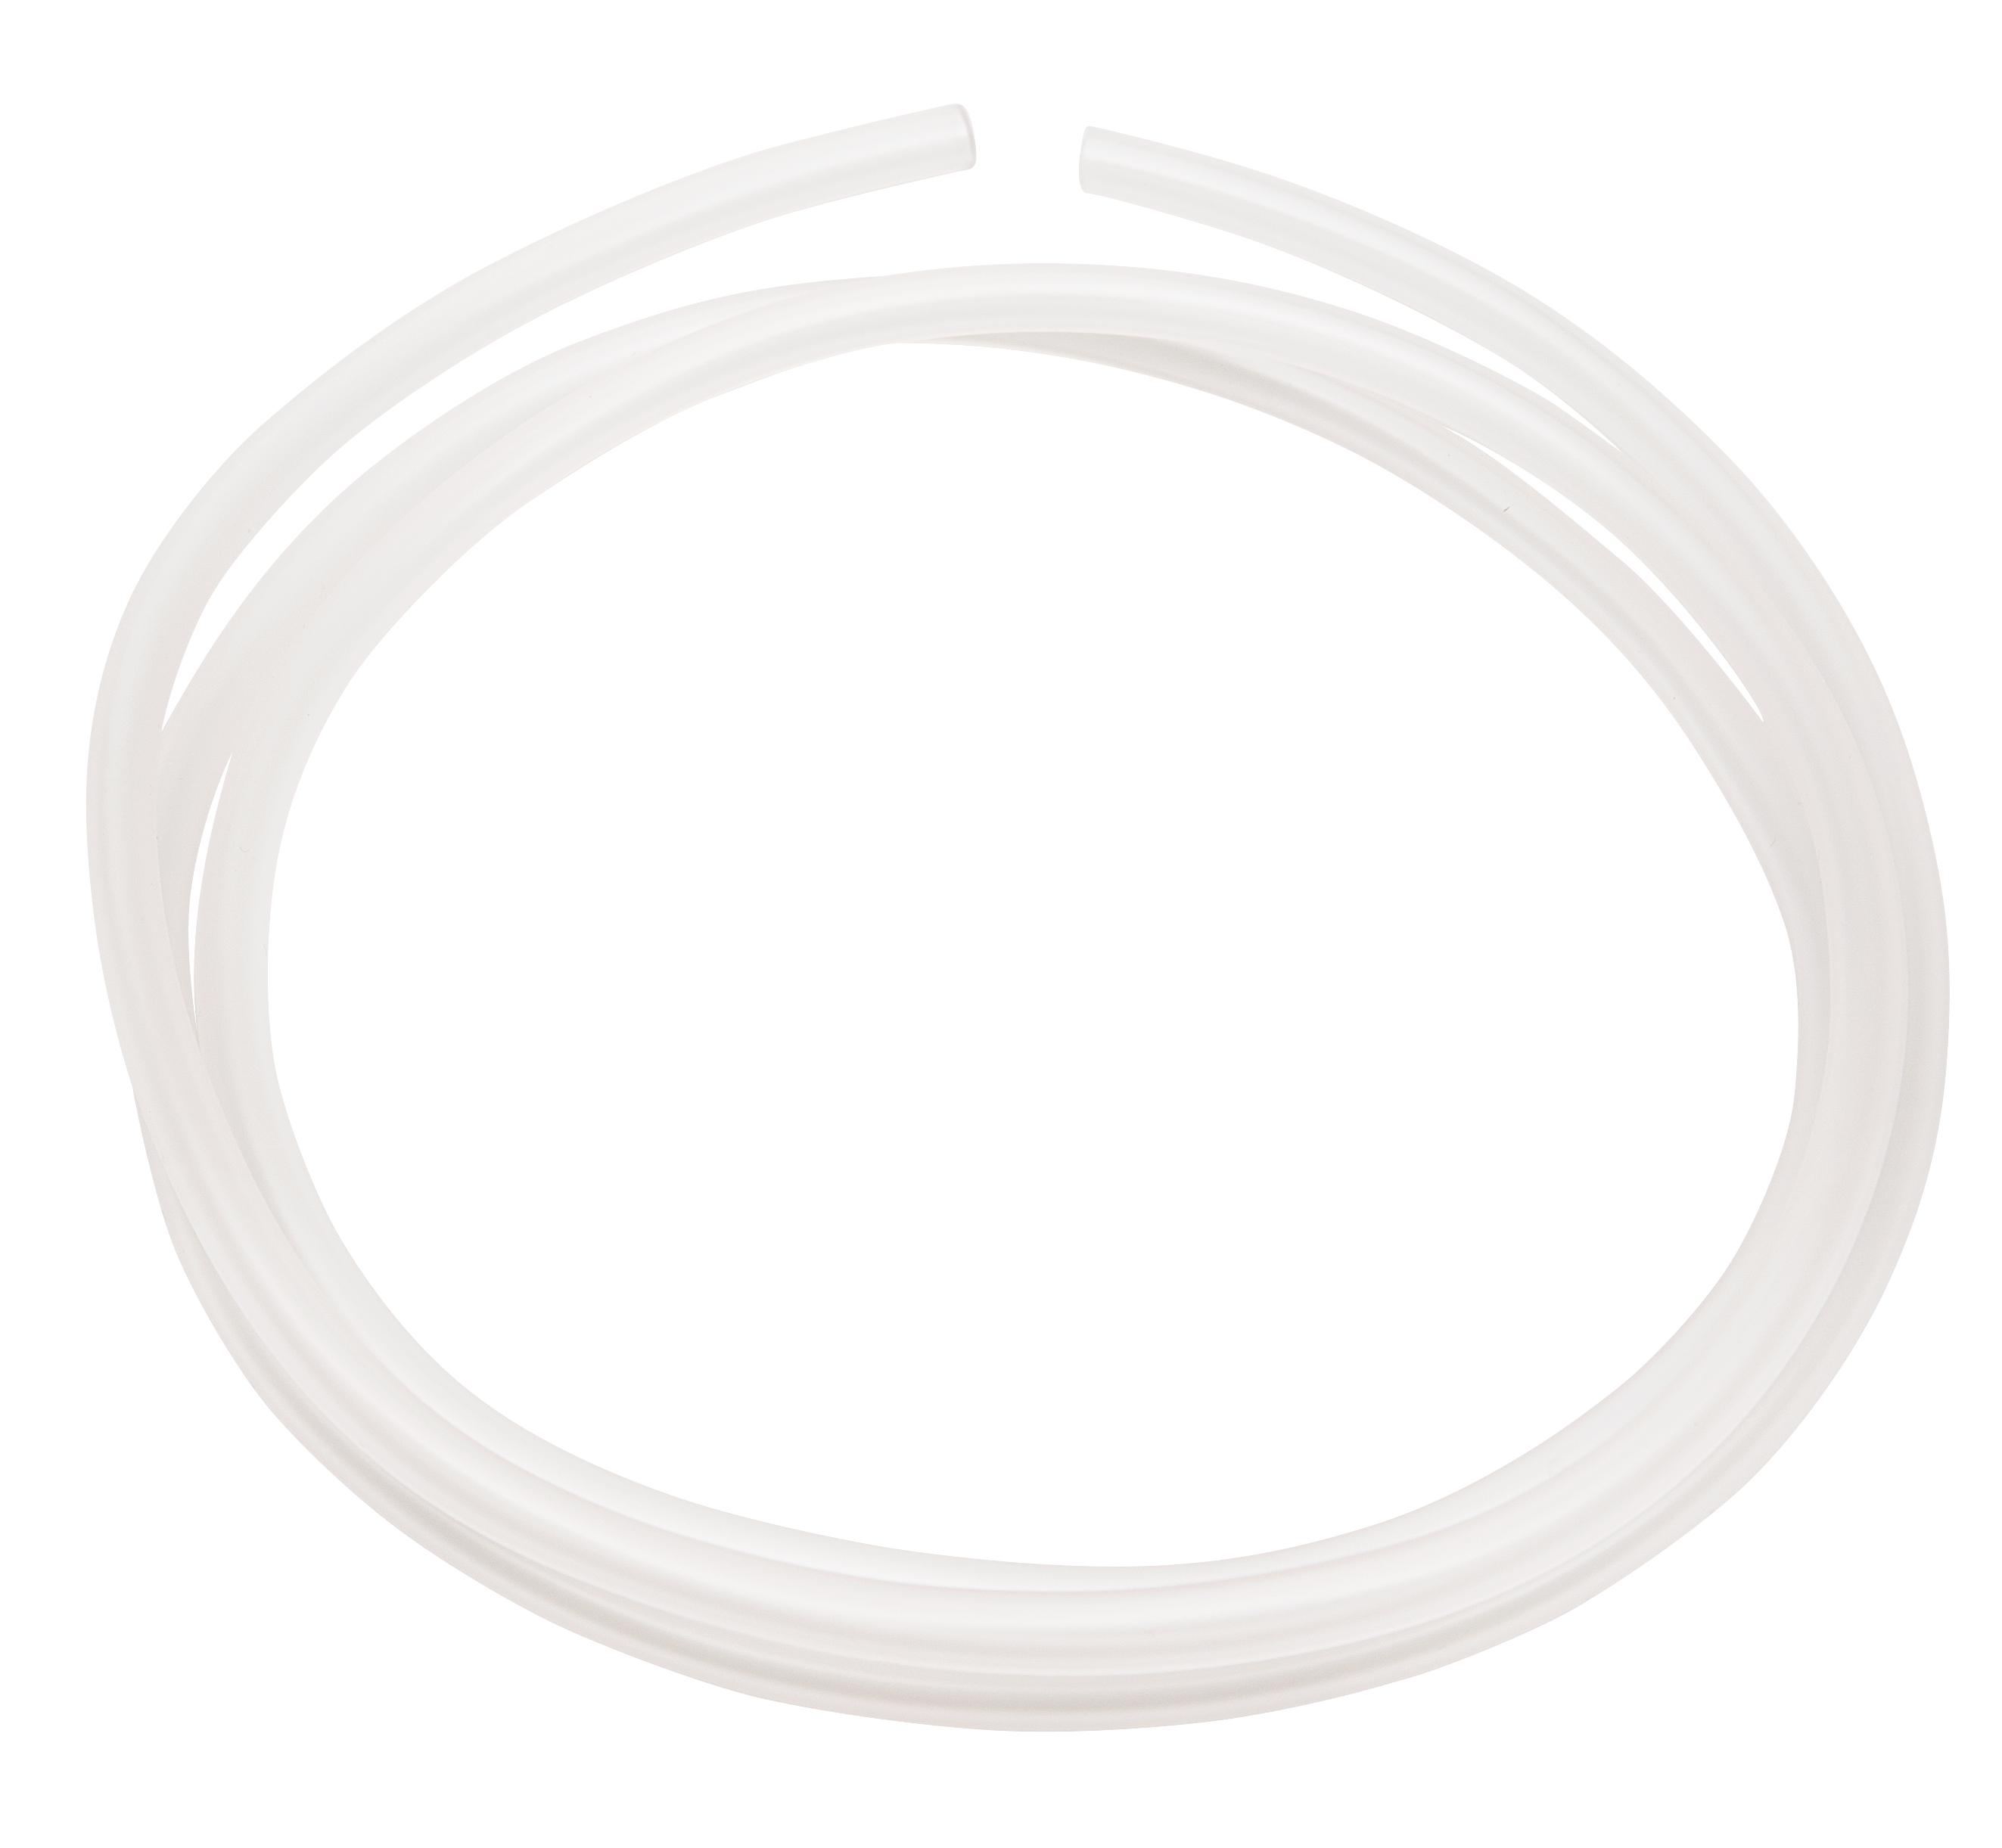 Atemschlauch, Steramid, 6/9 mm Ø, 2 m lang